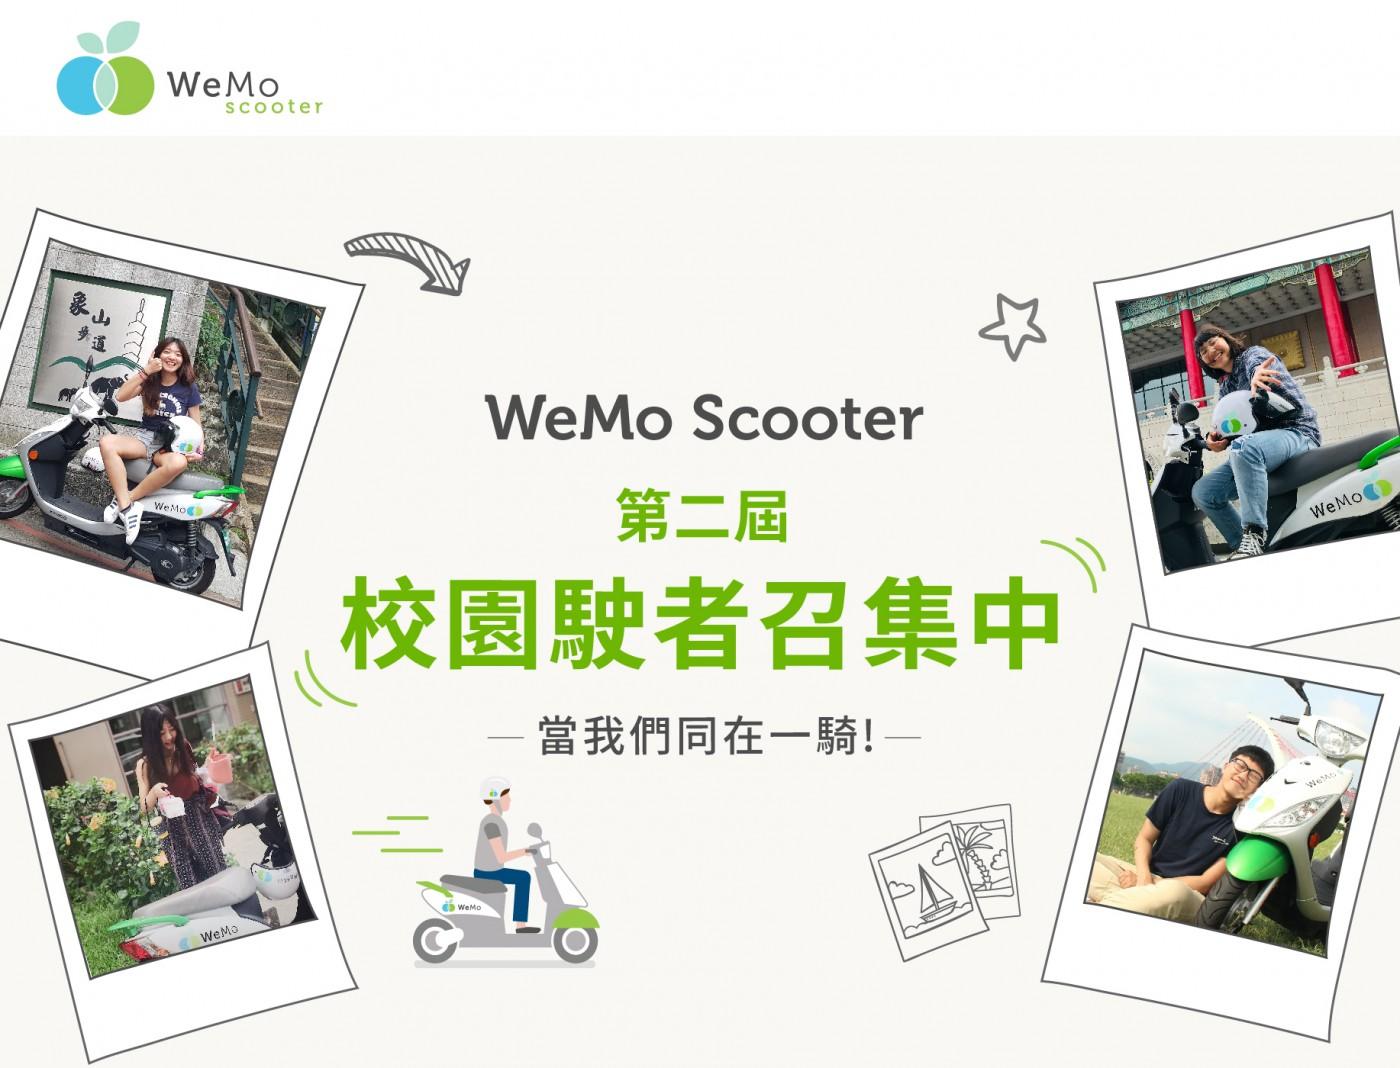 共享機車 WeMo Scooter  第二屆校園大使徵選開跑 人氣王最大獎一年免費騎